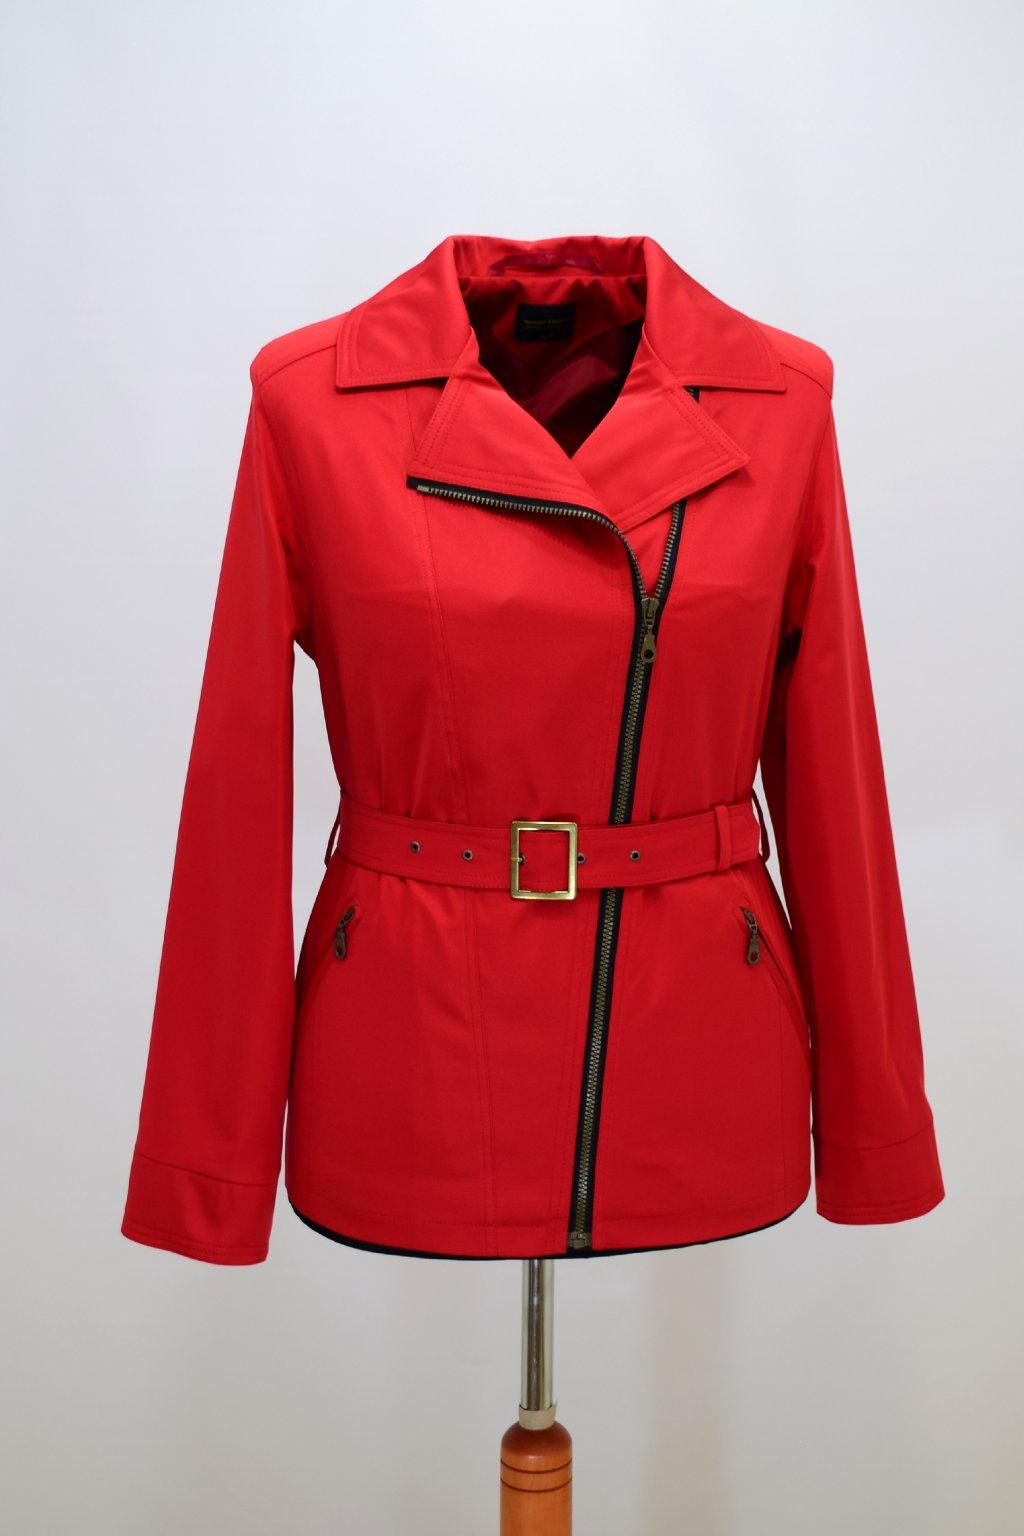 Dámský červená jarní kabátek Zora nadměrné velikosti